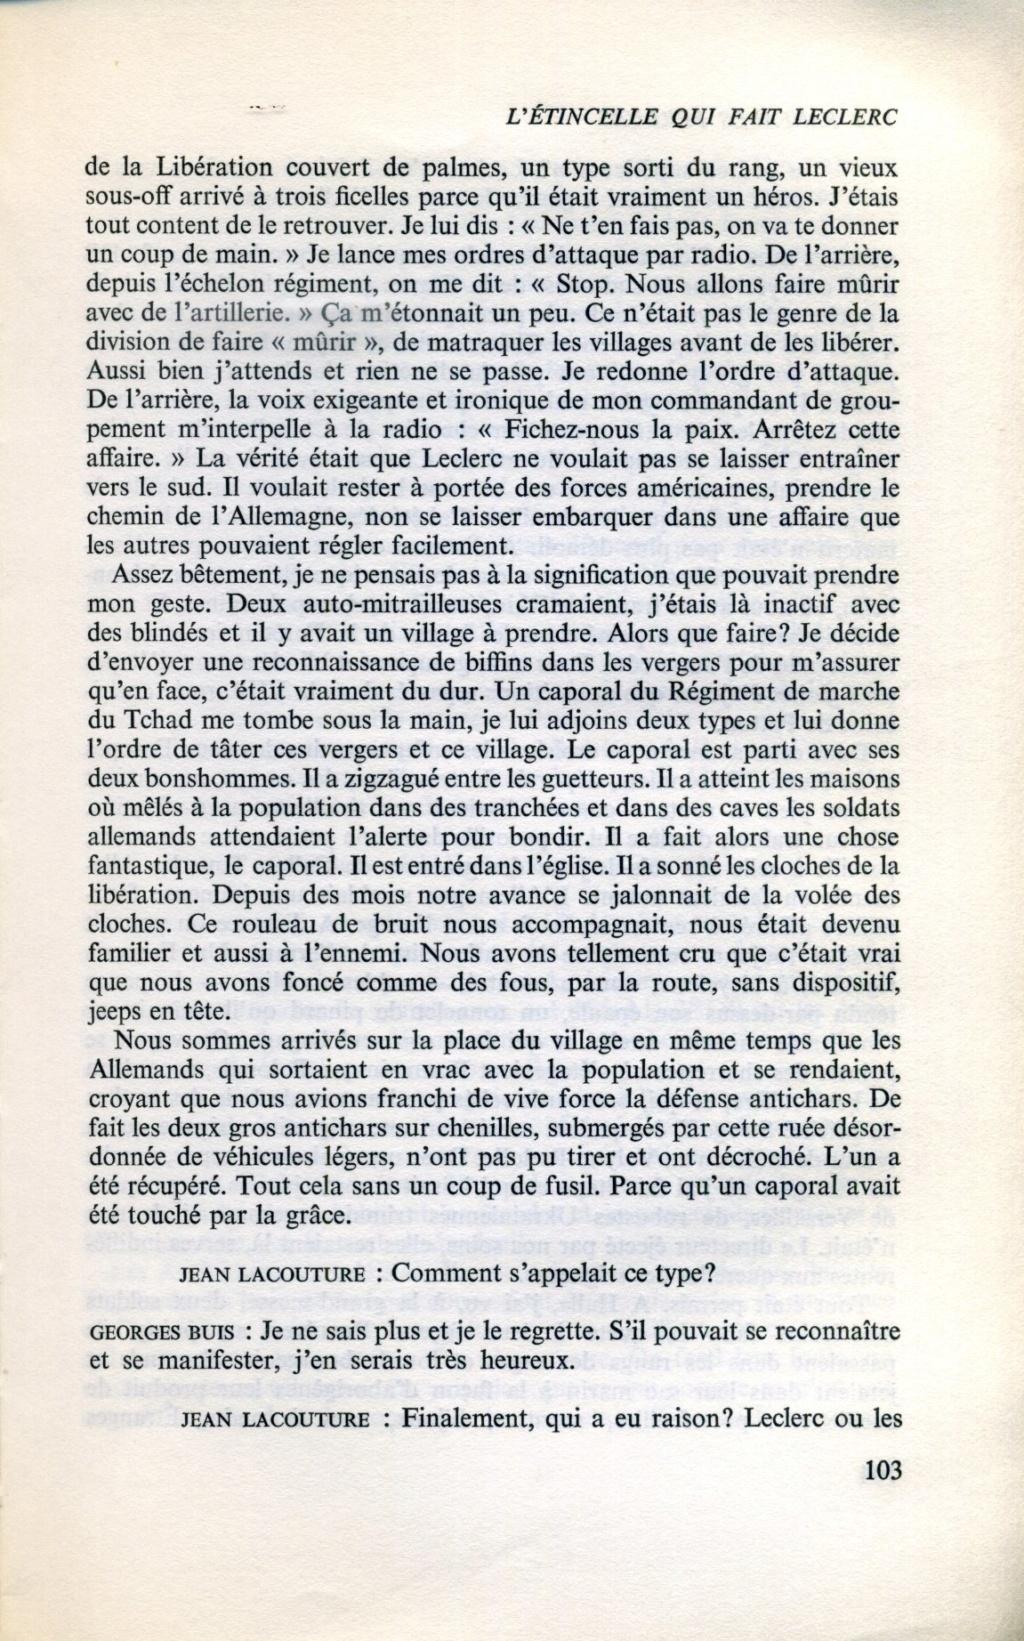 Georges Buis les fanfares perdues Les_fa37